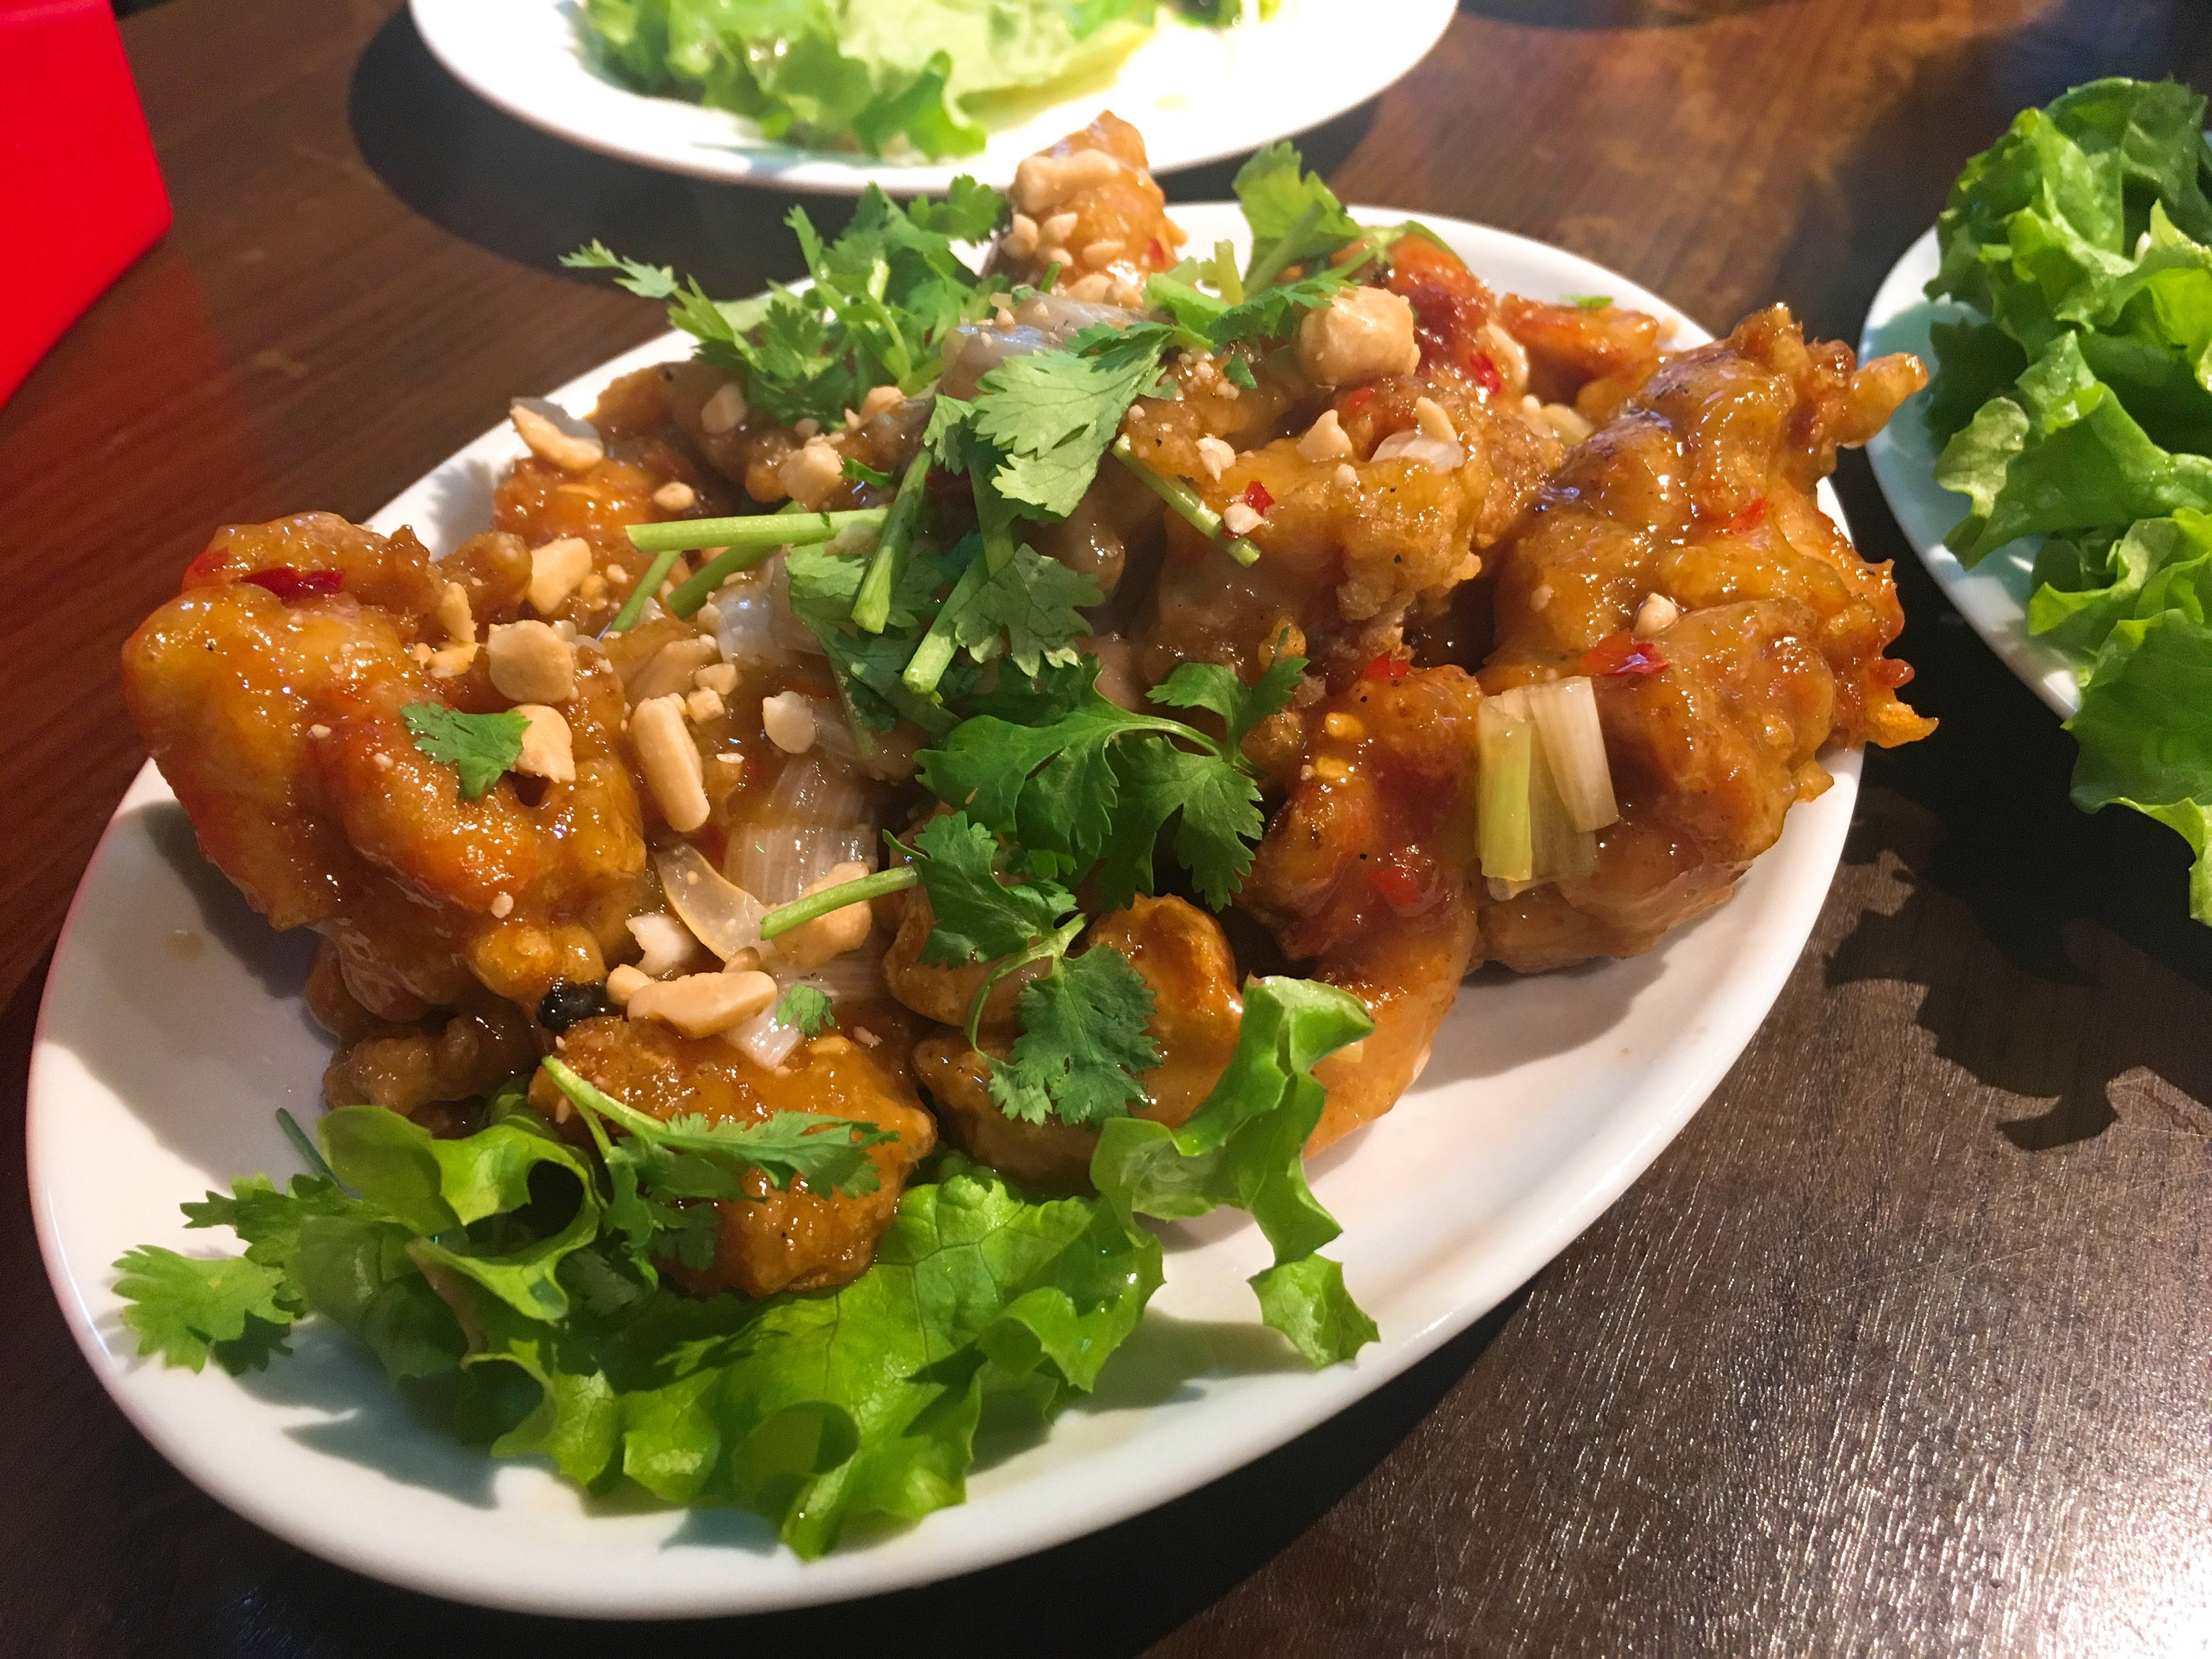 原宿にいながら本格タイ料理を味わえるお店《チャオバンブー》_1_3